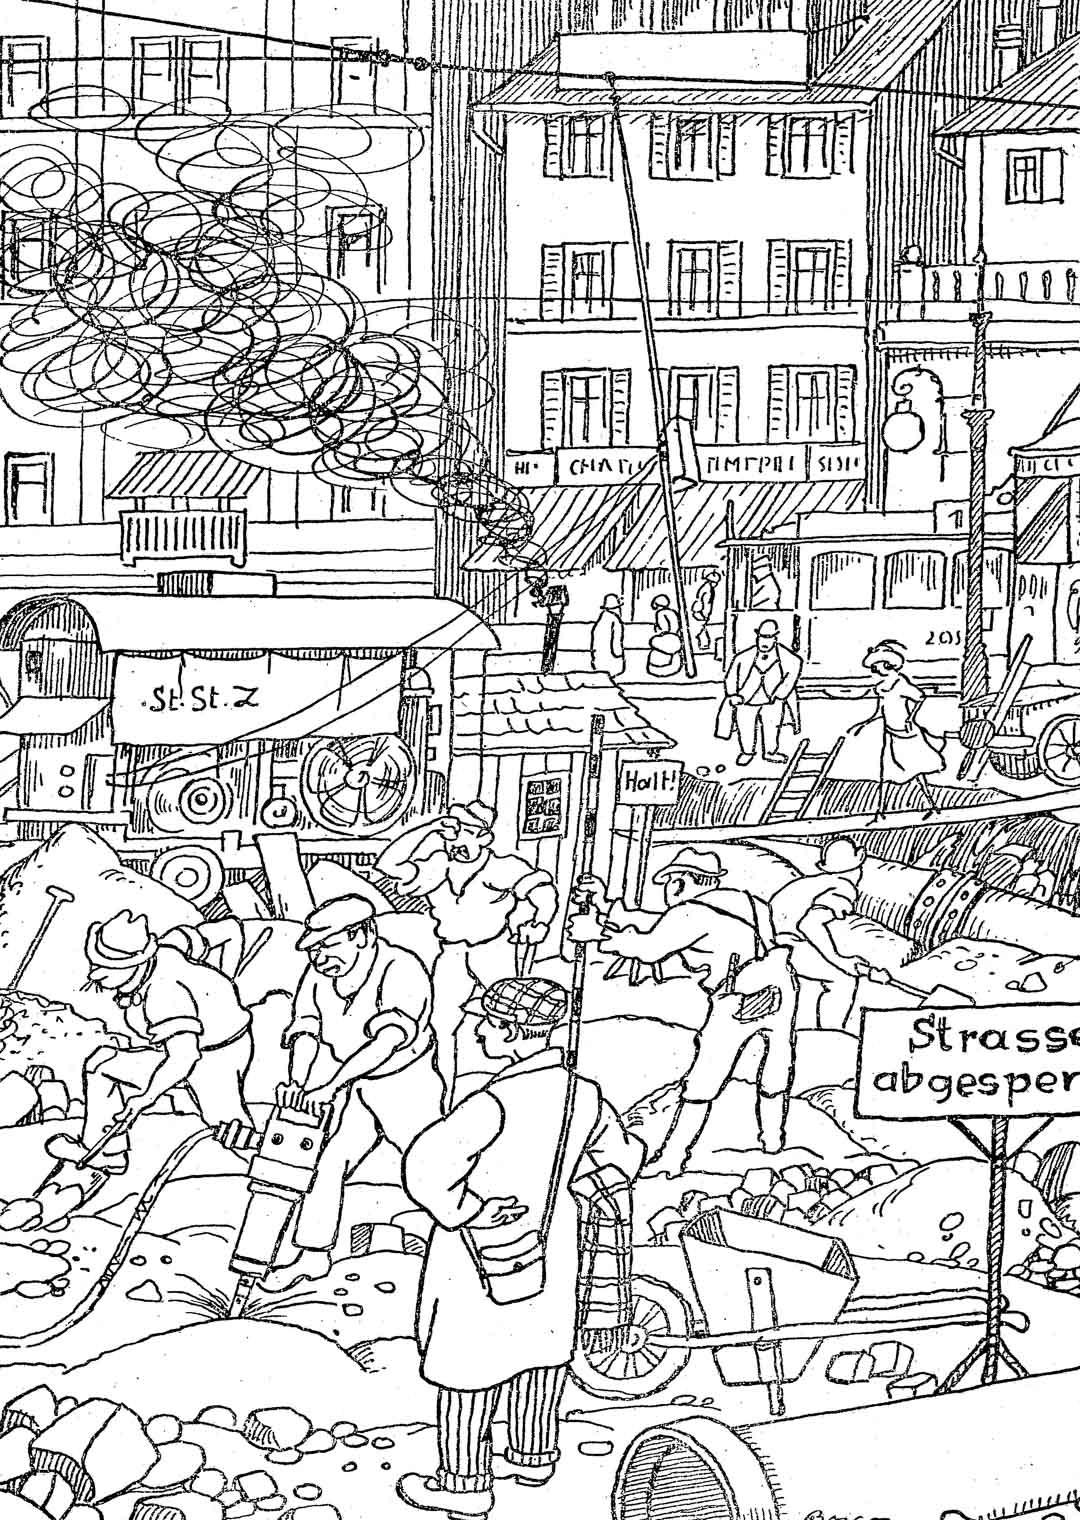 «Den Fremden wird Gelegenheit geboten, ‹Das Innere› der Stadt zu sehen». Ein Bild aus dem Reiseführer «Das moderne Zürich» (Bildrechte: Nachlass Boscovits)